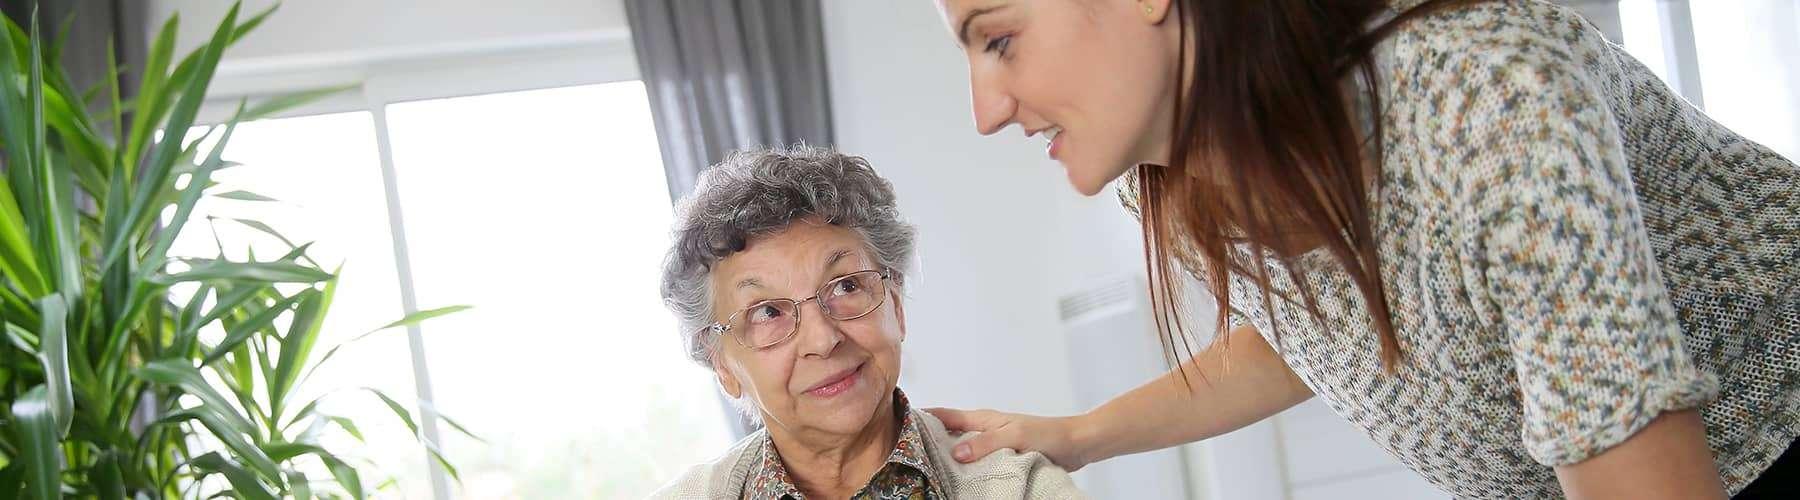 Sie sind Angehörige einer pflegebedürftigen Person und suchen nach einer Haushaltshilfe?